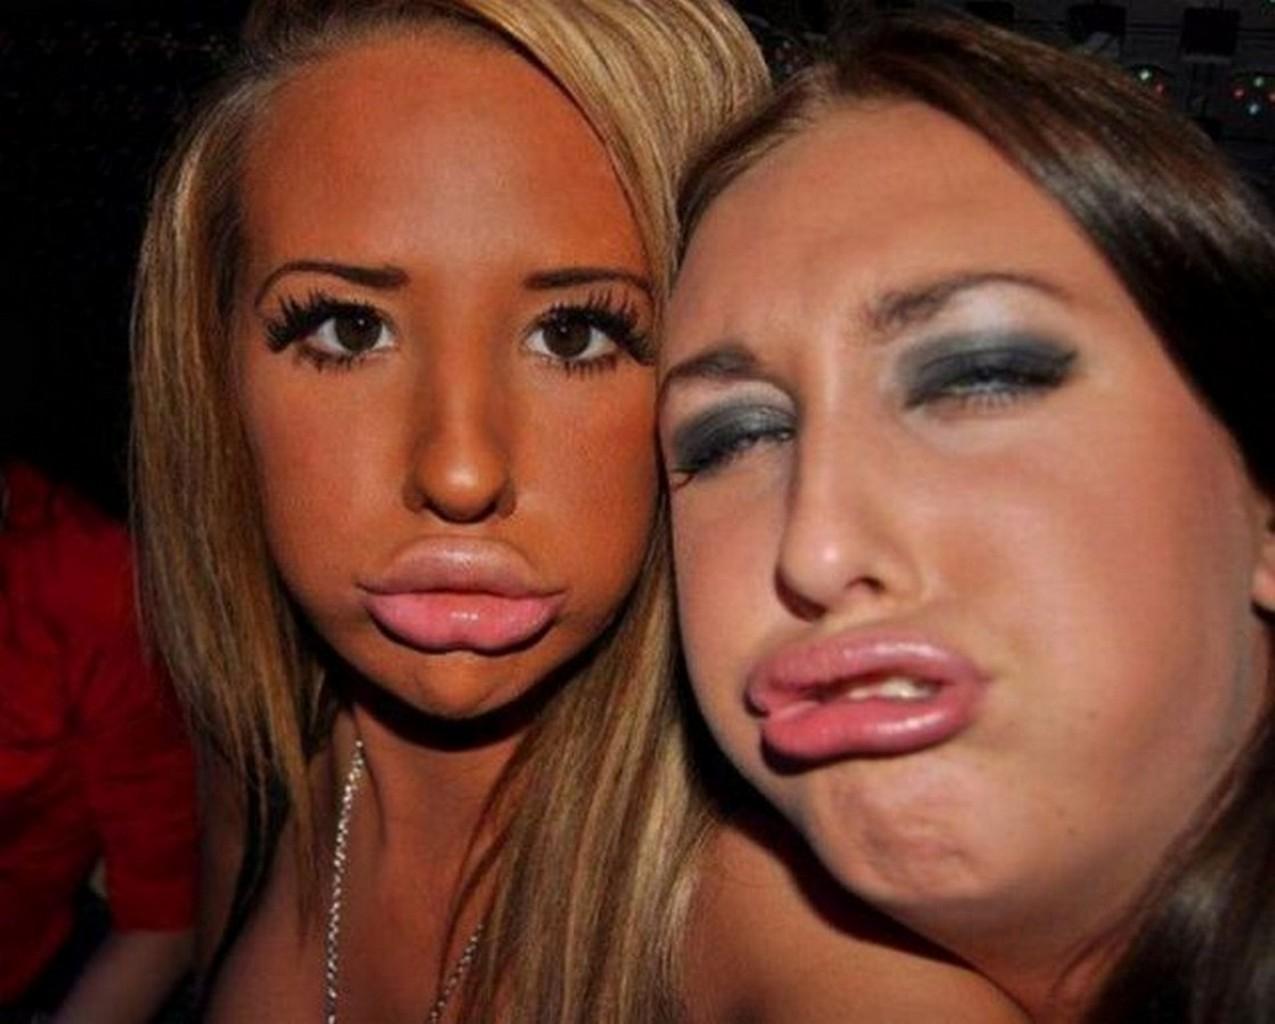 Сперма на губах девочек частные фотки 13 фотография